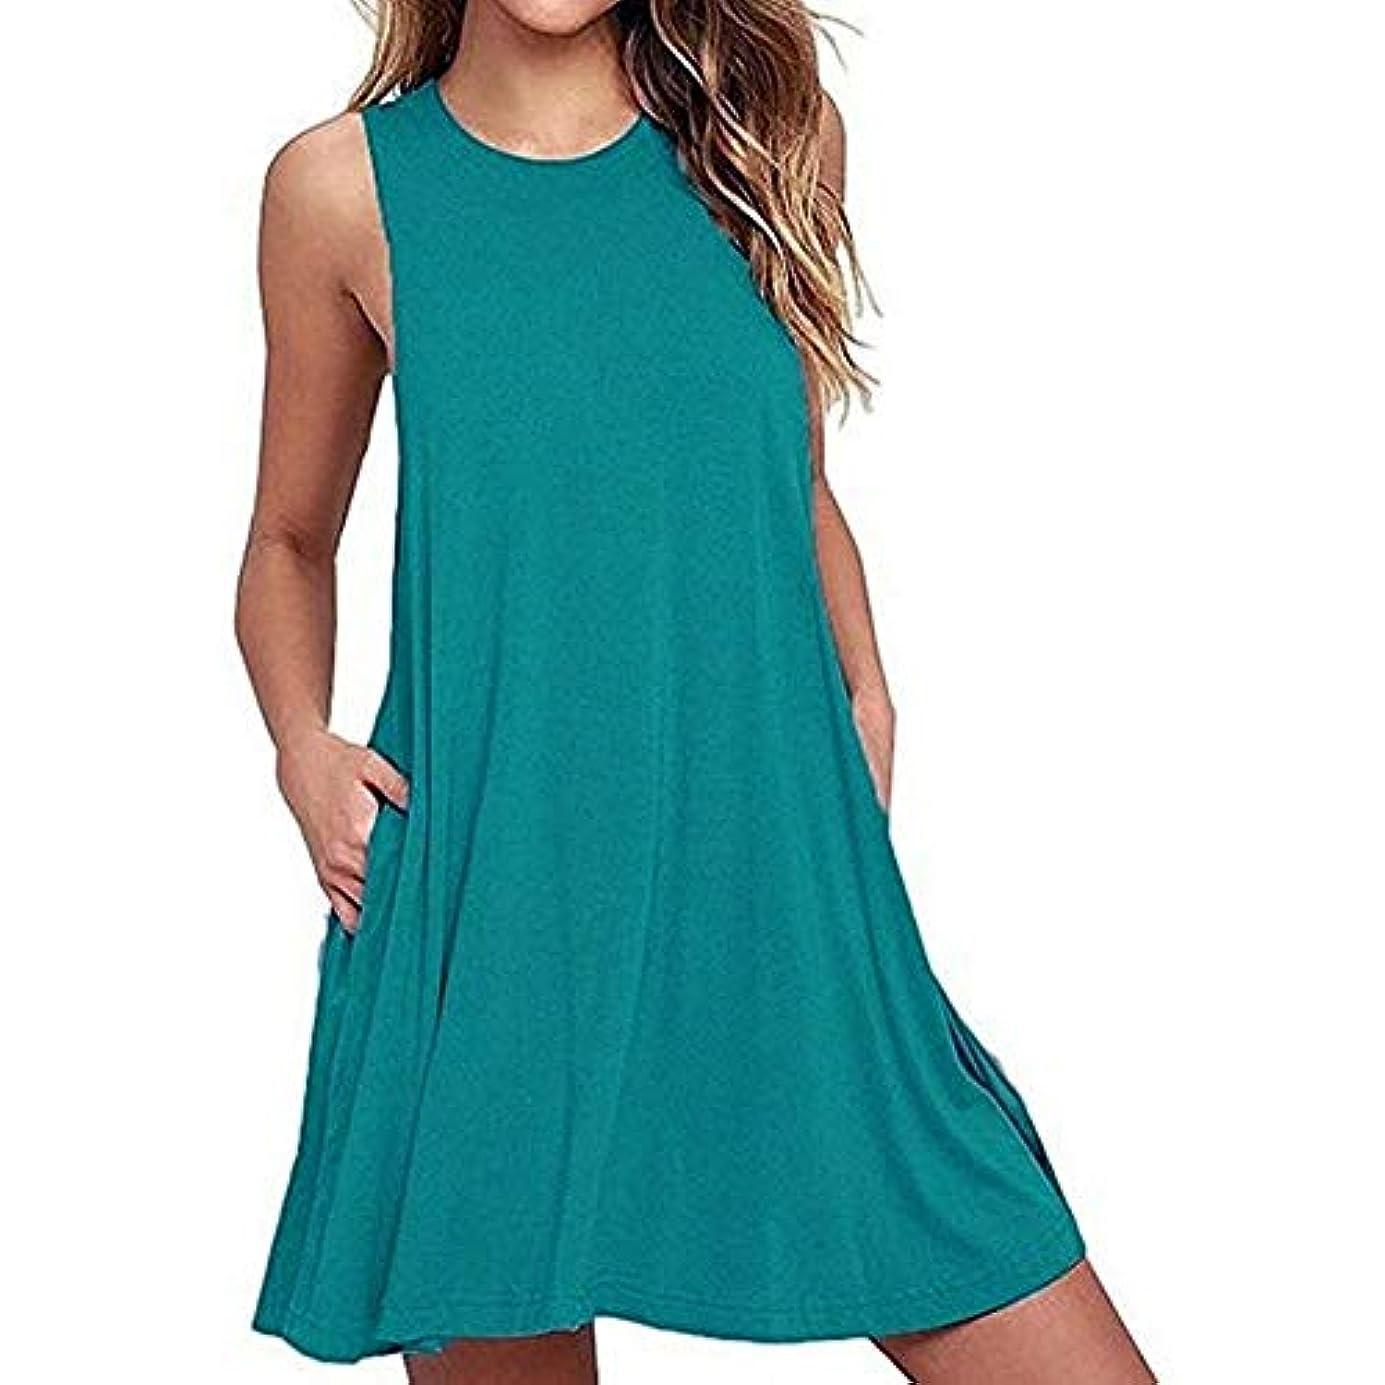 望ましい日の出コンプリートMIFAN 人の女性のドレス、プラスサイズのドレス、ノースリーブのドレス、ミニドレス、ホルタードレス、コットンドレス